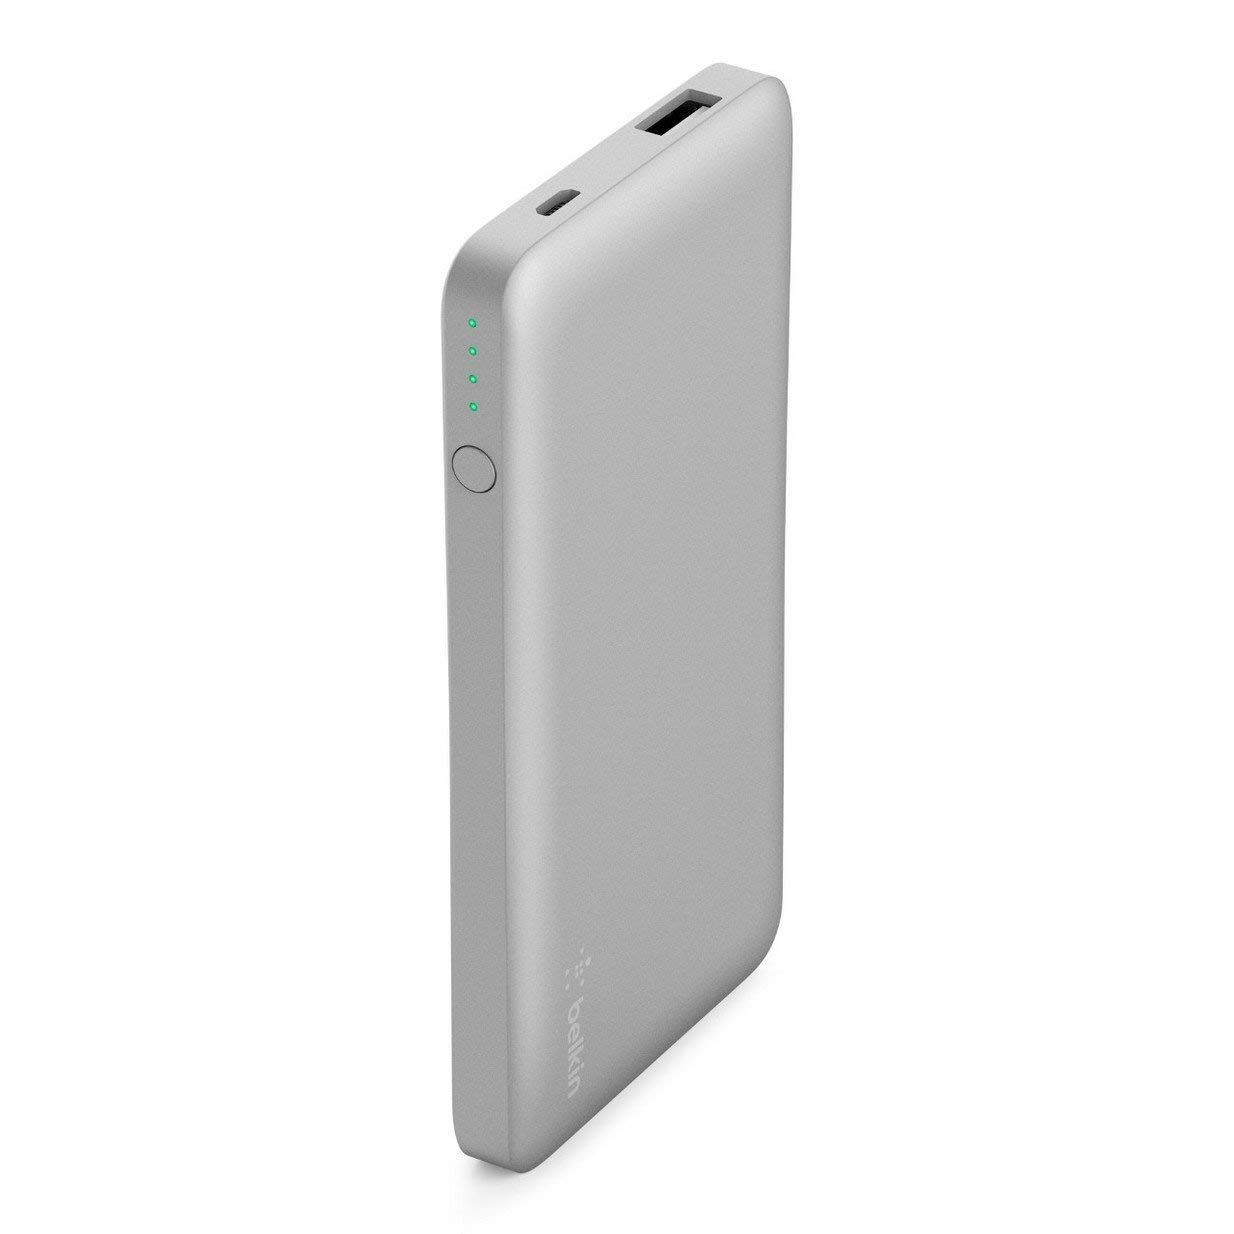 Belkin 5,000mAh Power Bank Battery Pack (Silver)